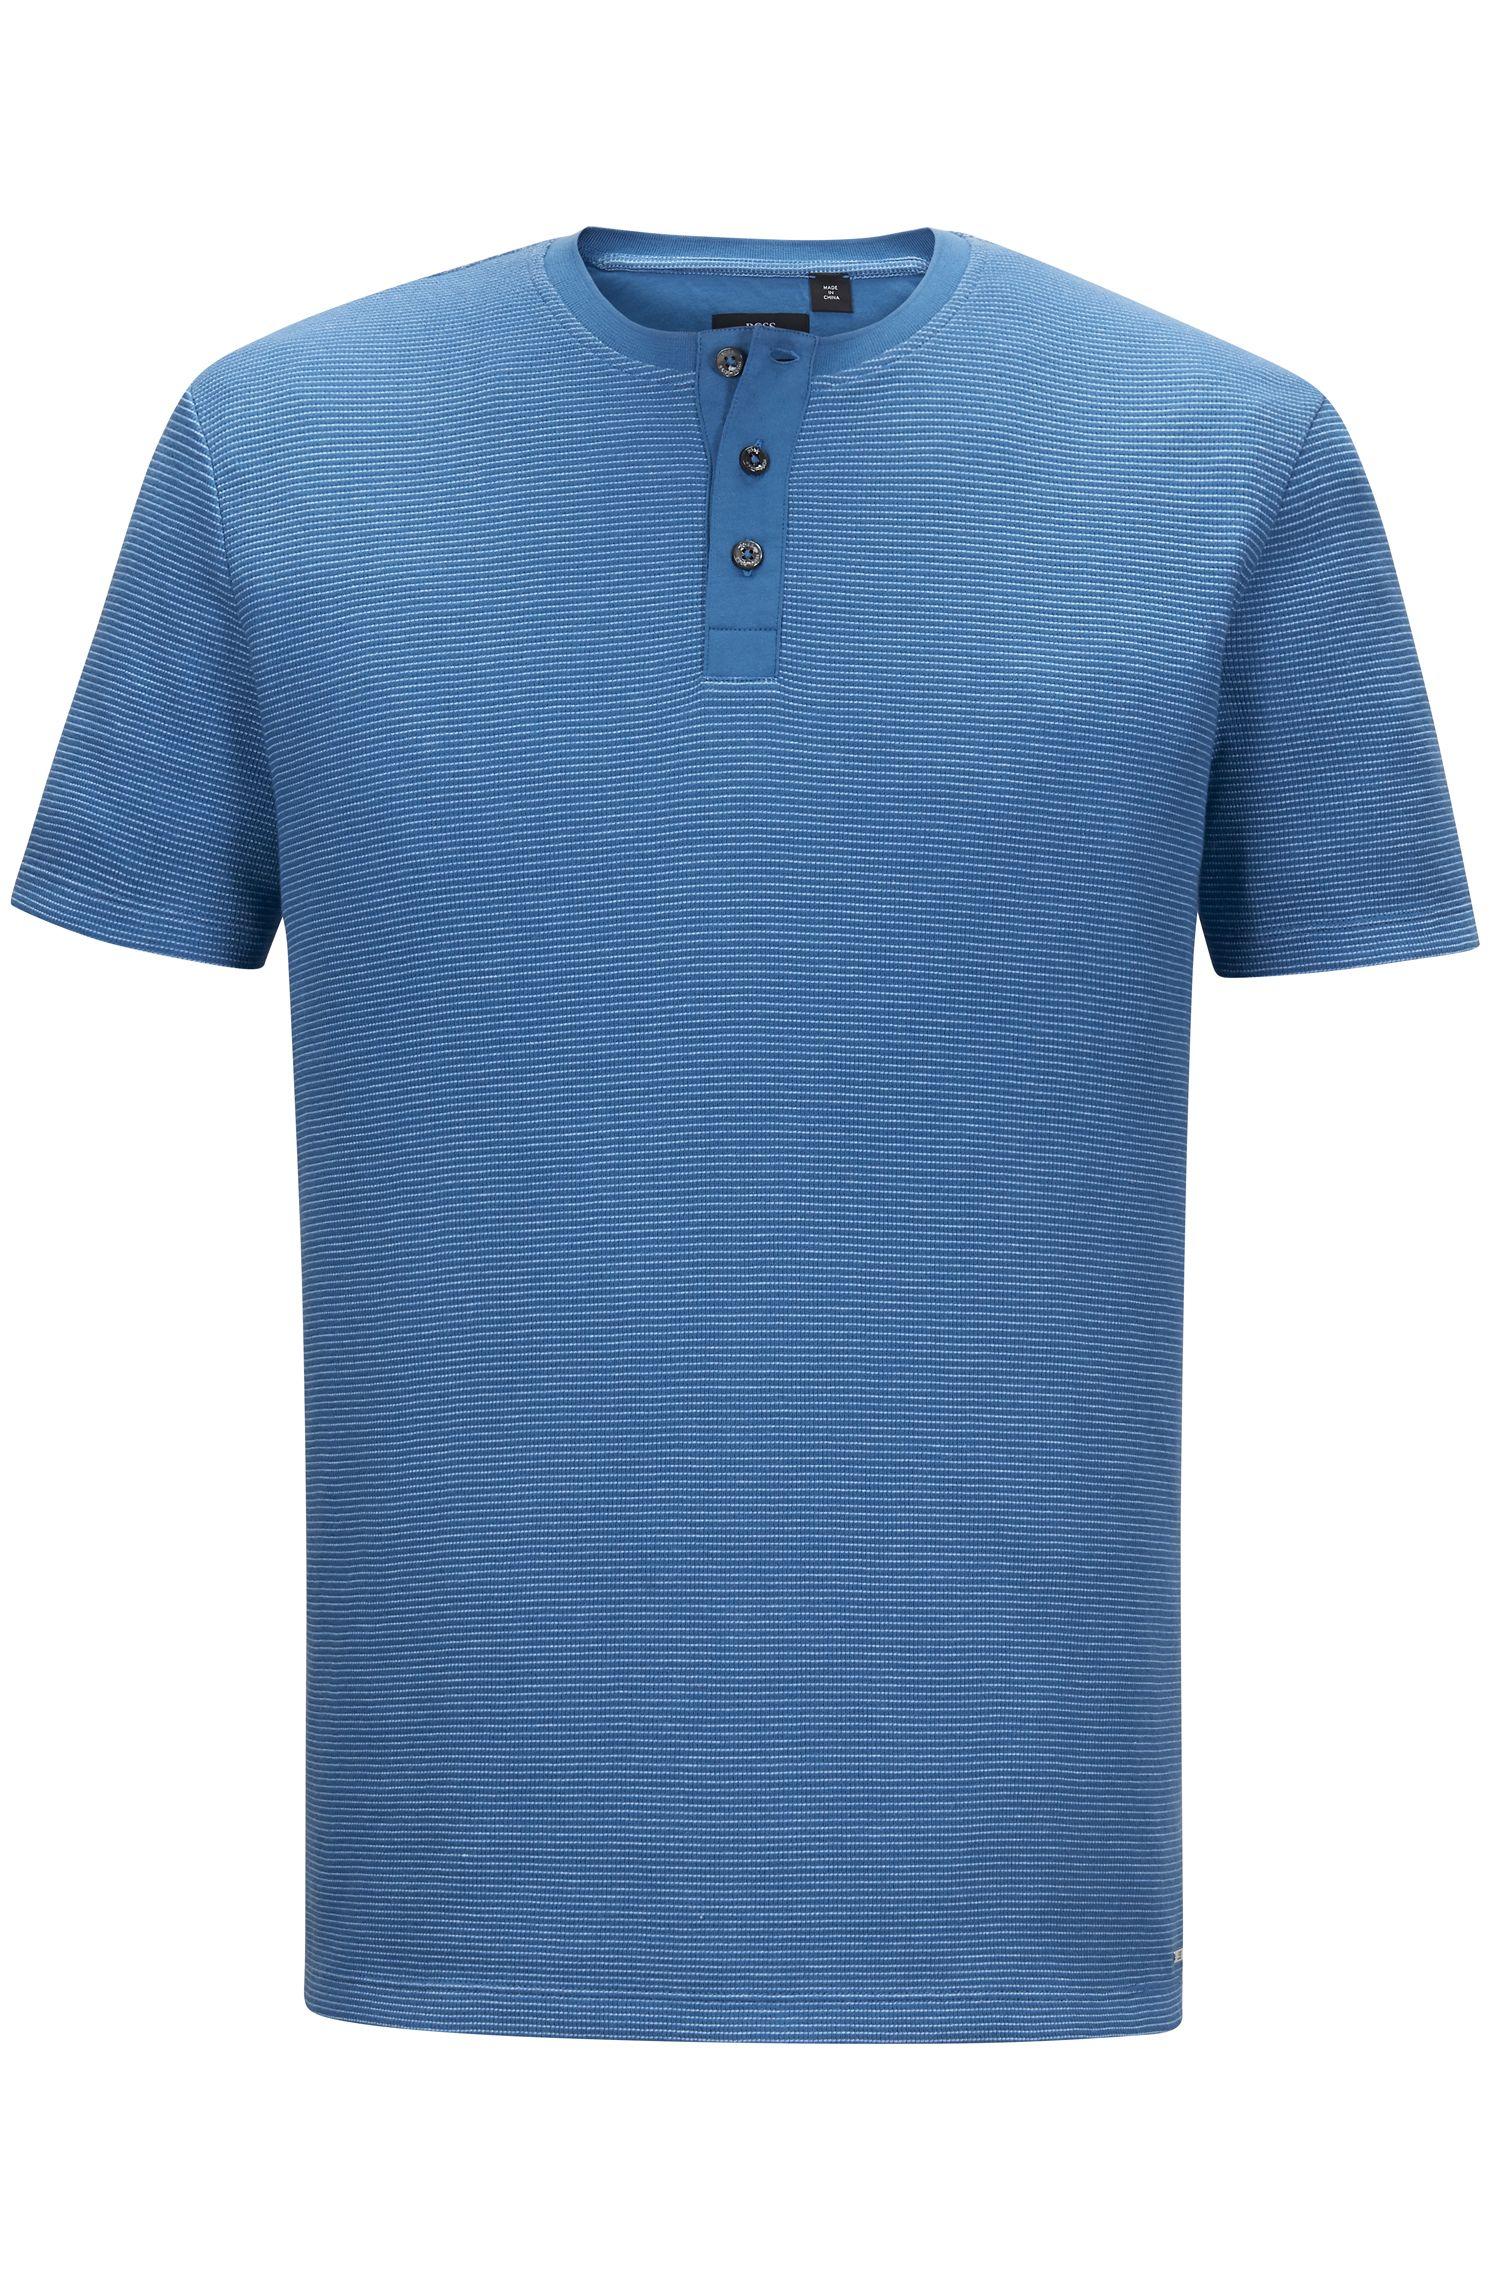 Cotton Waffle Henley Shirt | Tiller